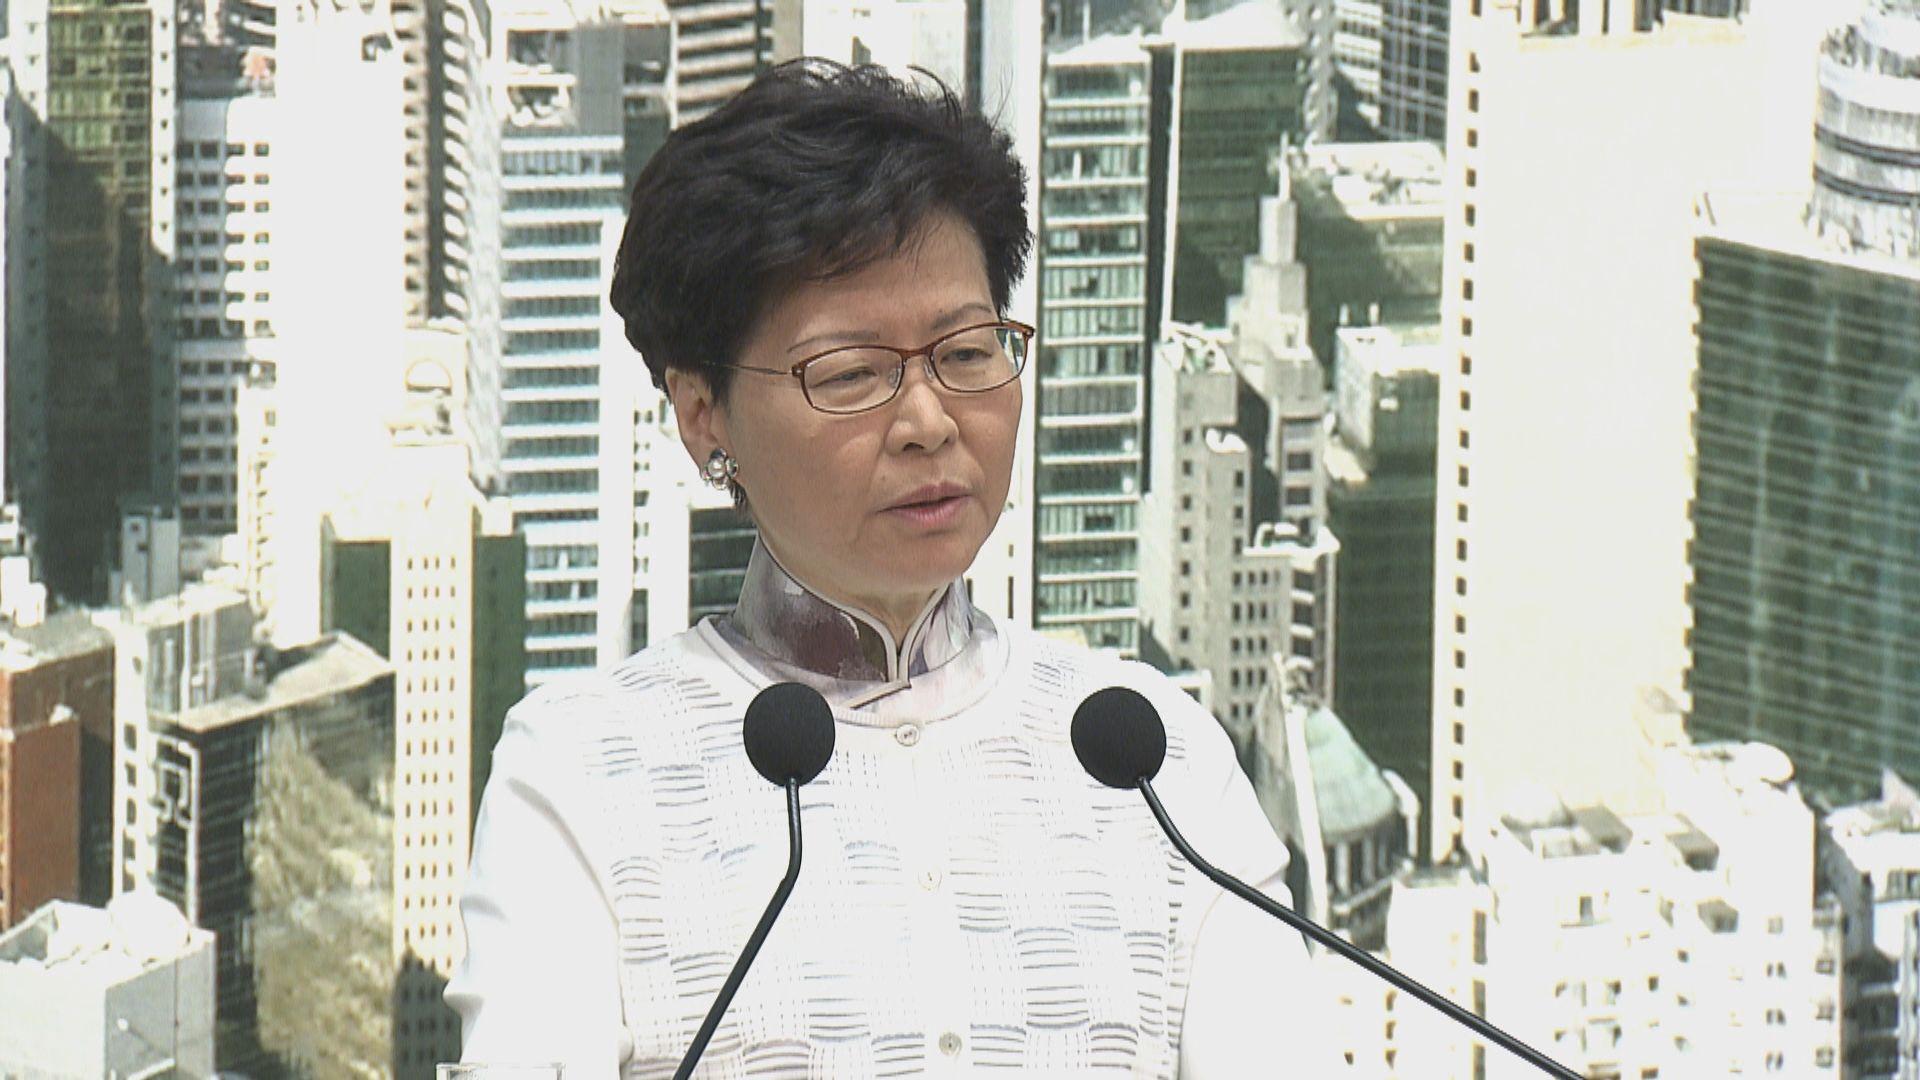 【足本】林鄭月娥宣布暫緩修訂逃犯條例記者會(下)